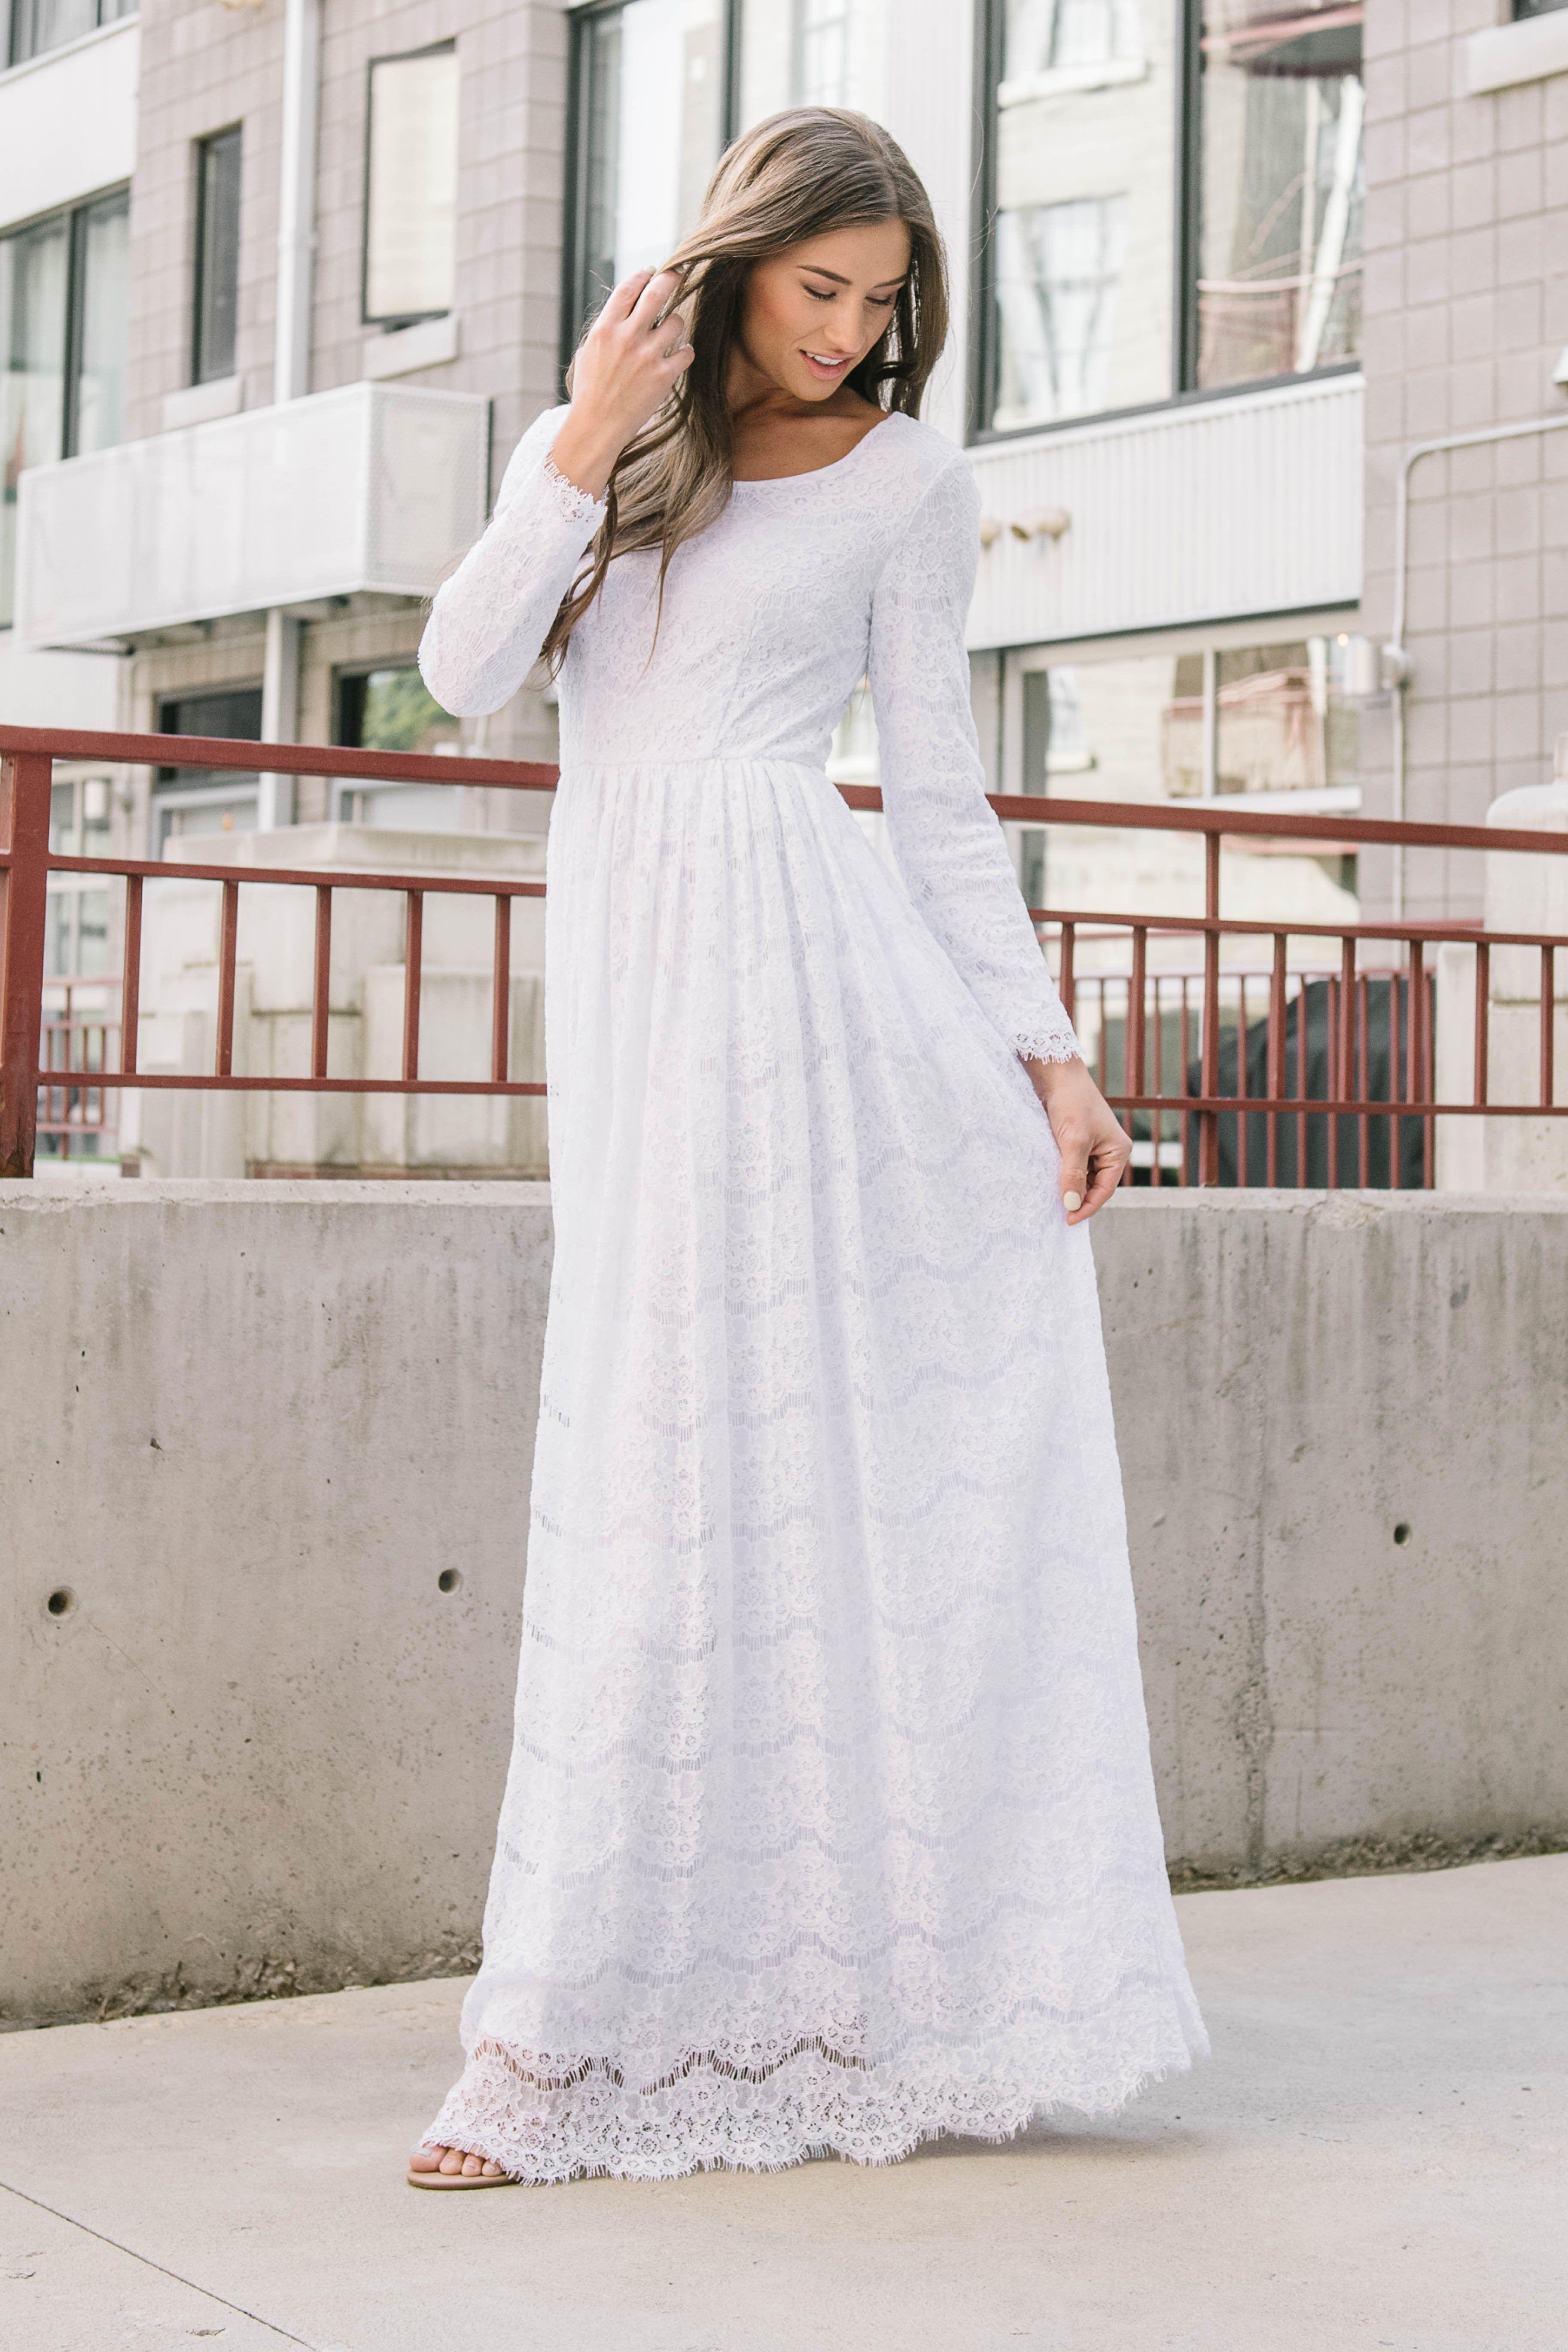 Dallas Temple Dress Lds Temple Dress Dresses [ 5477 x 3651 Pixel ]